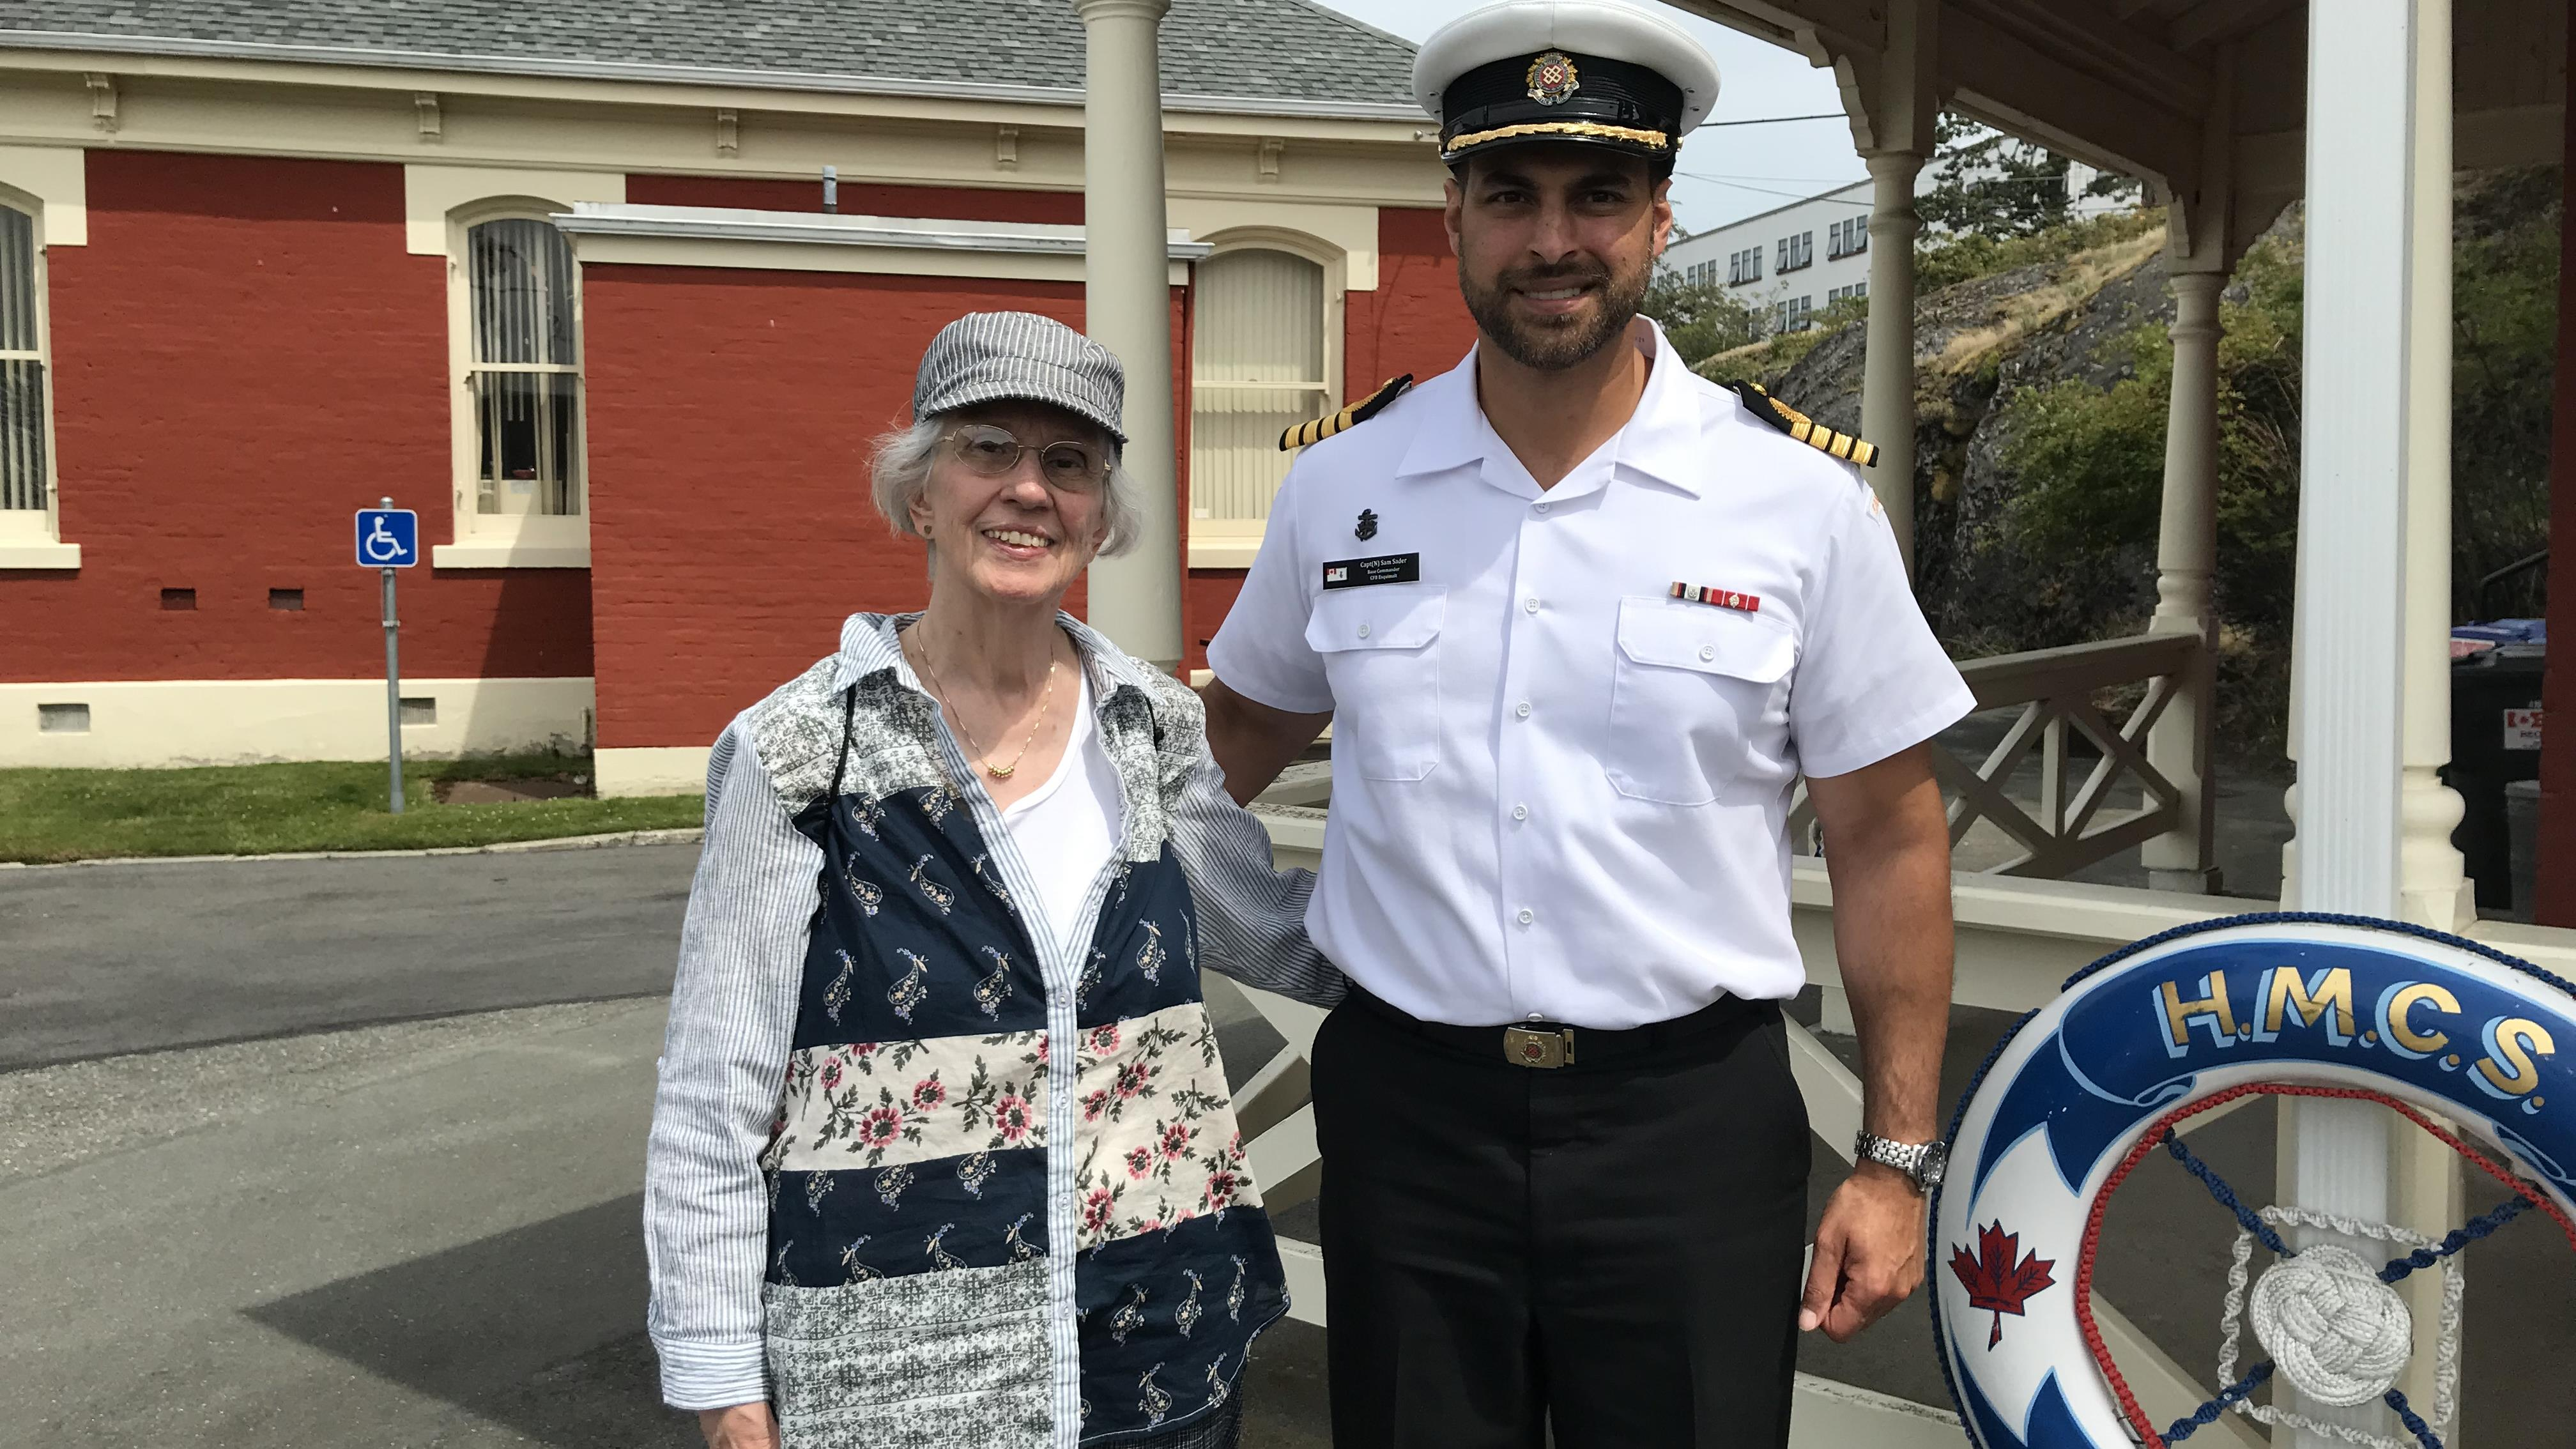 Gisèle Samson de l'Association historique francophone de Victoria et le Capitaine de vaisseau Sam Sader, commandant de la base d'Esquimalt